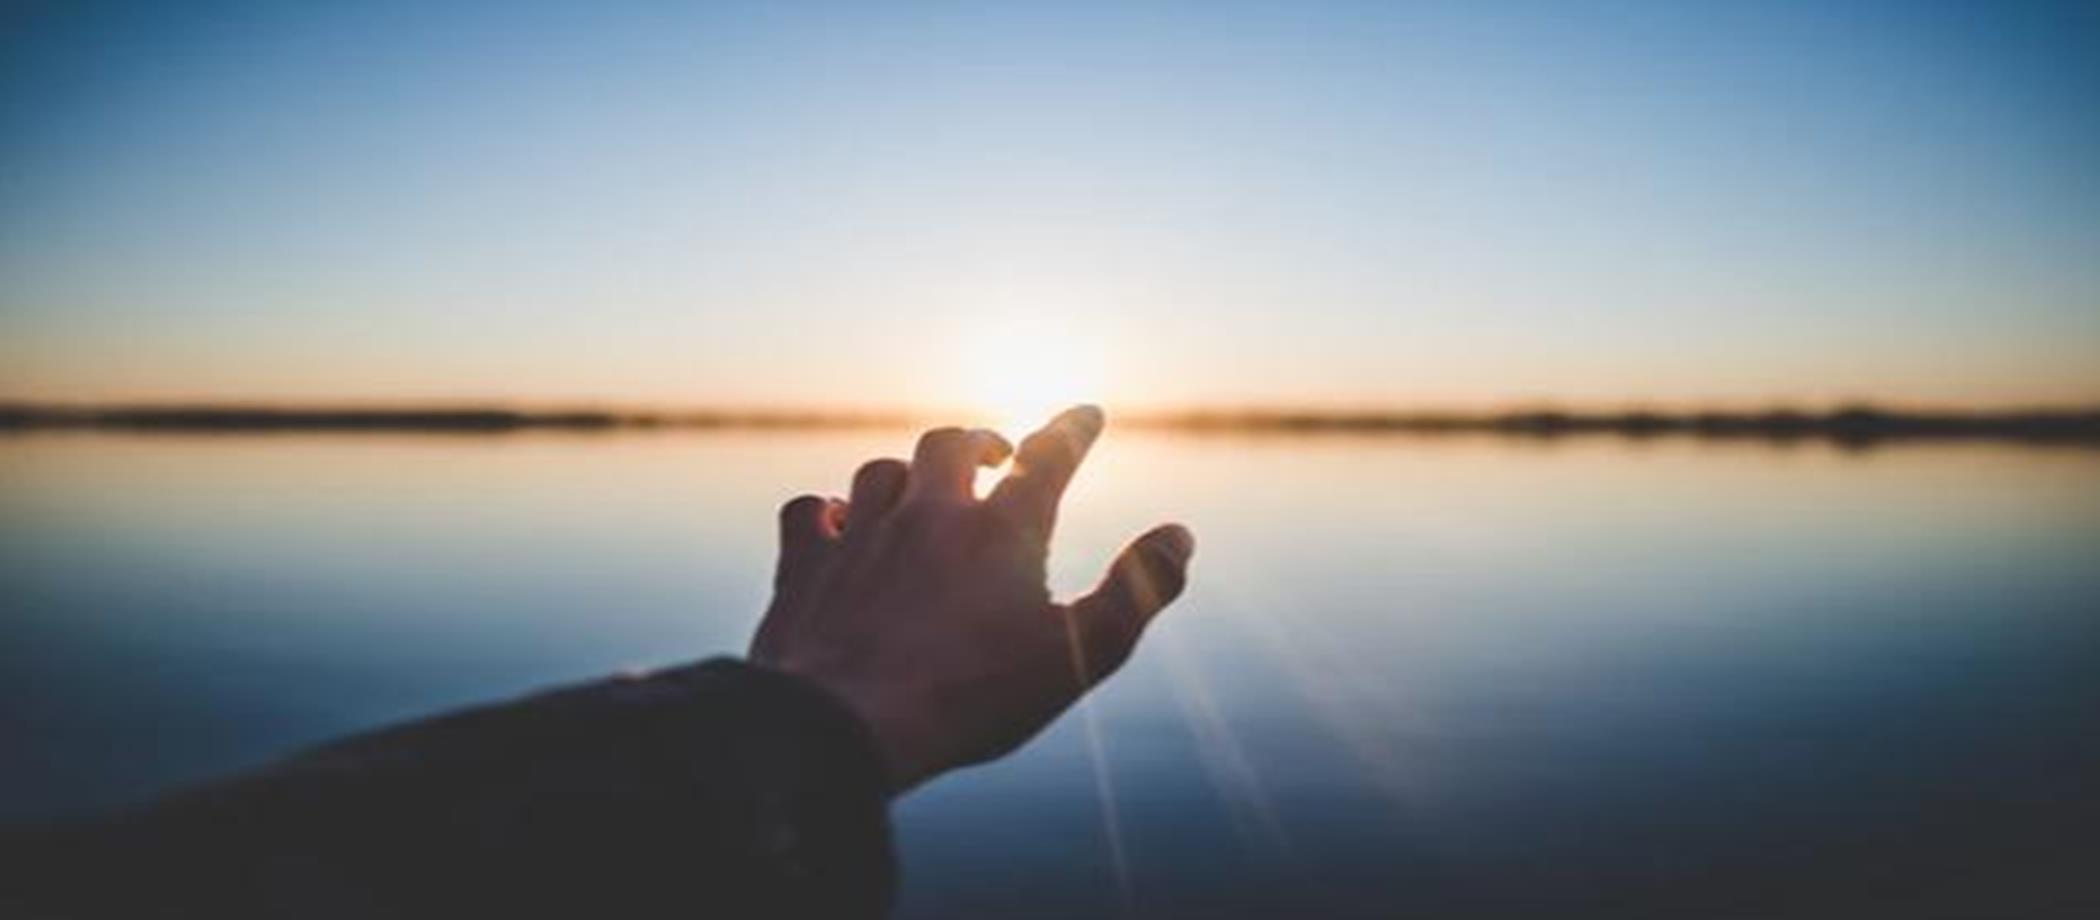 8º Passo à Prosperidade: Viva o seu Sonho